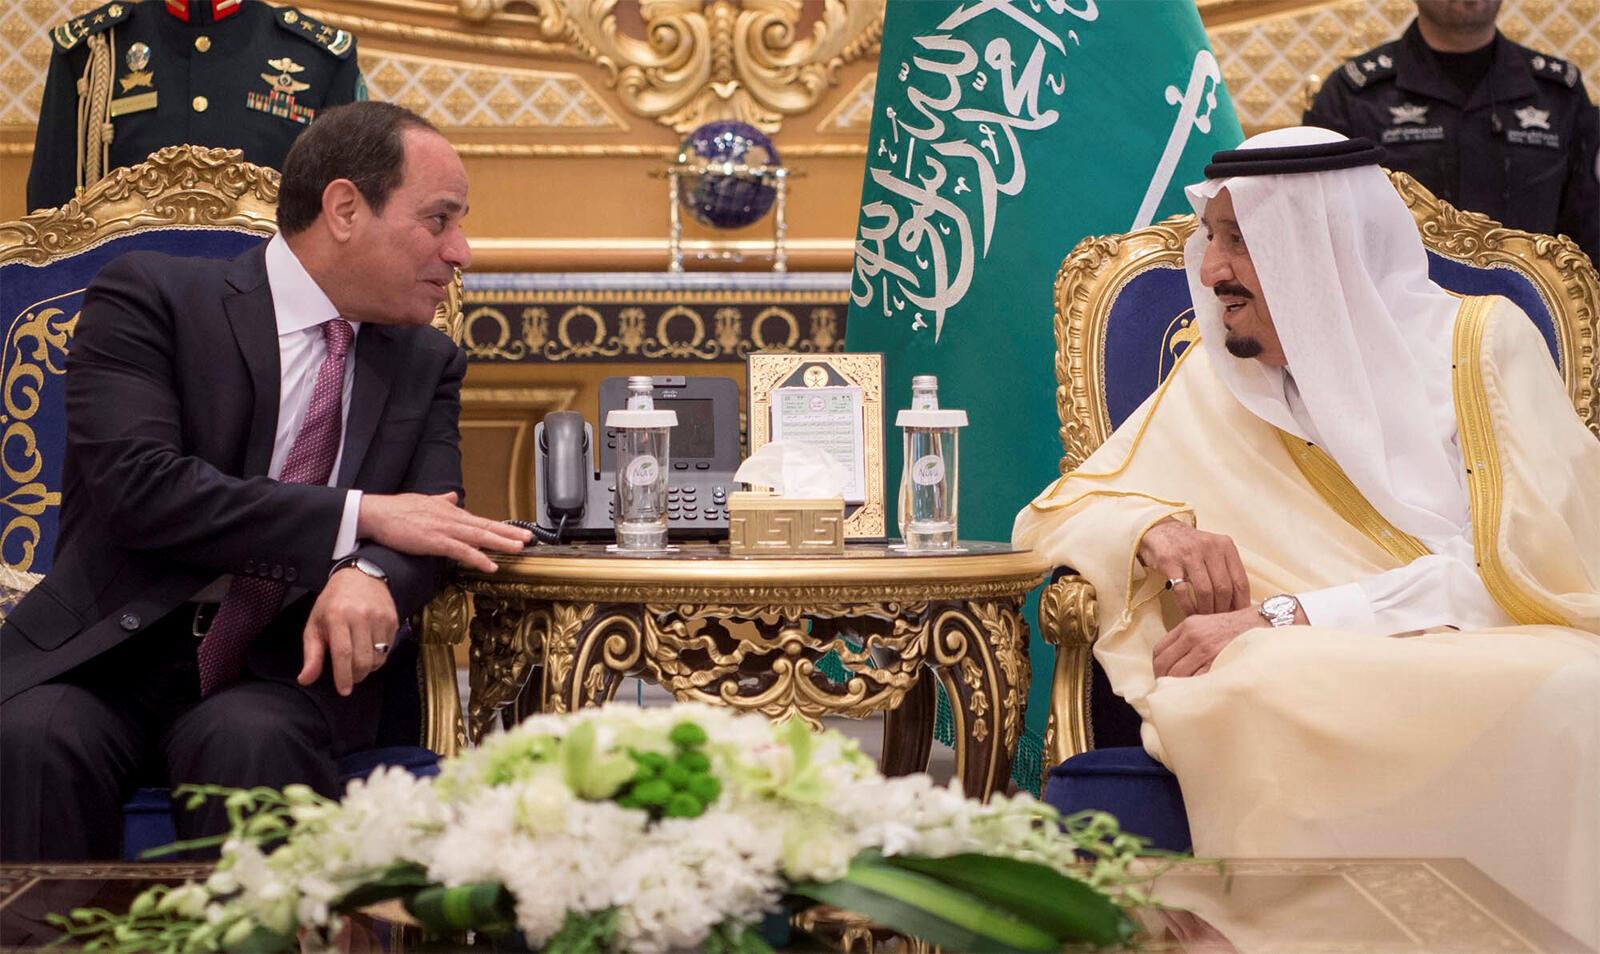 دیدار عبدالفتاح السیسی، رئیس جمهوری مصر با ملک سلمان، پادشاه عربستان سعودی در ریاض. یکشنبه ٢٣ آوریل/ ٣ اردیبهشت ١٣٩۶